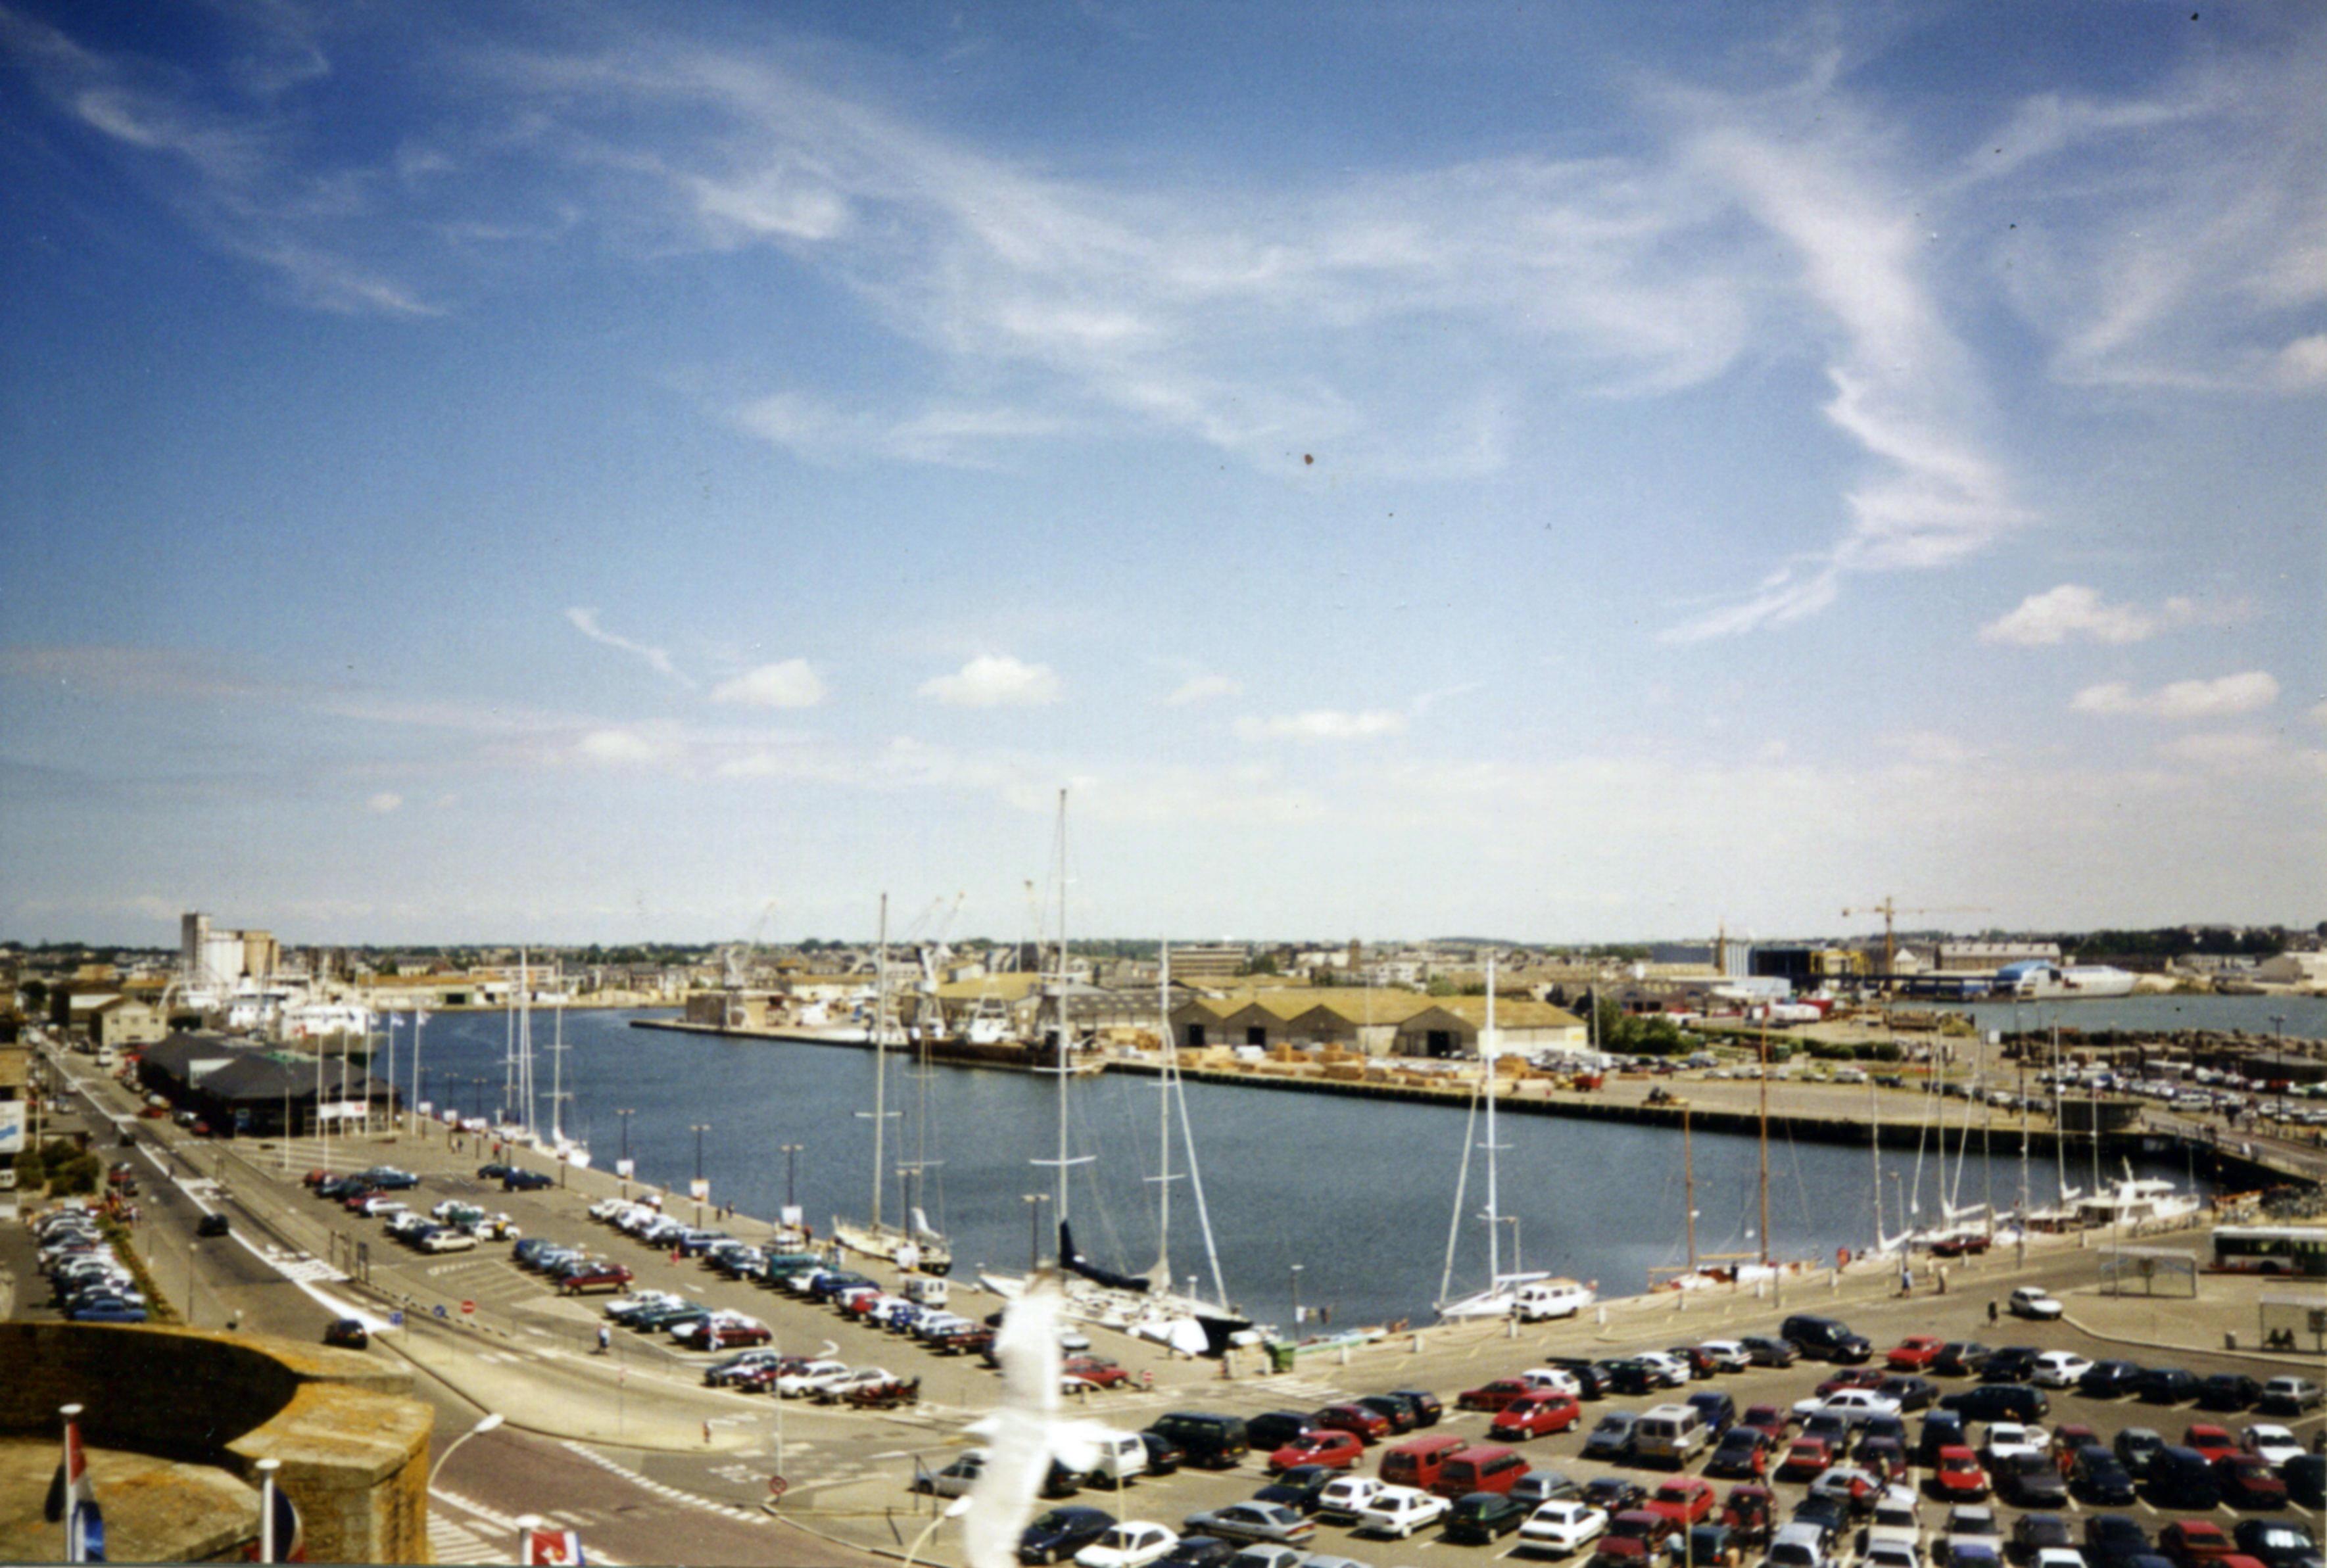 Ayse662_musee de ville manzara 2 marina